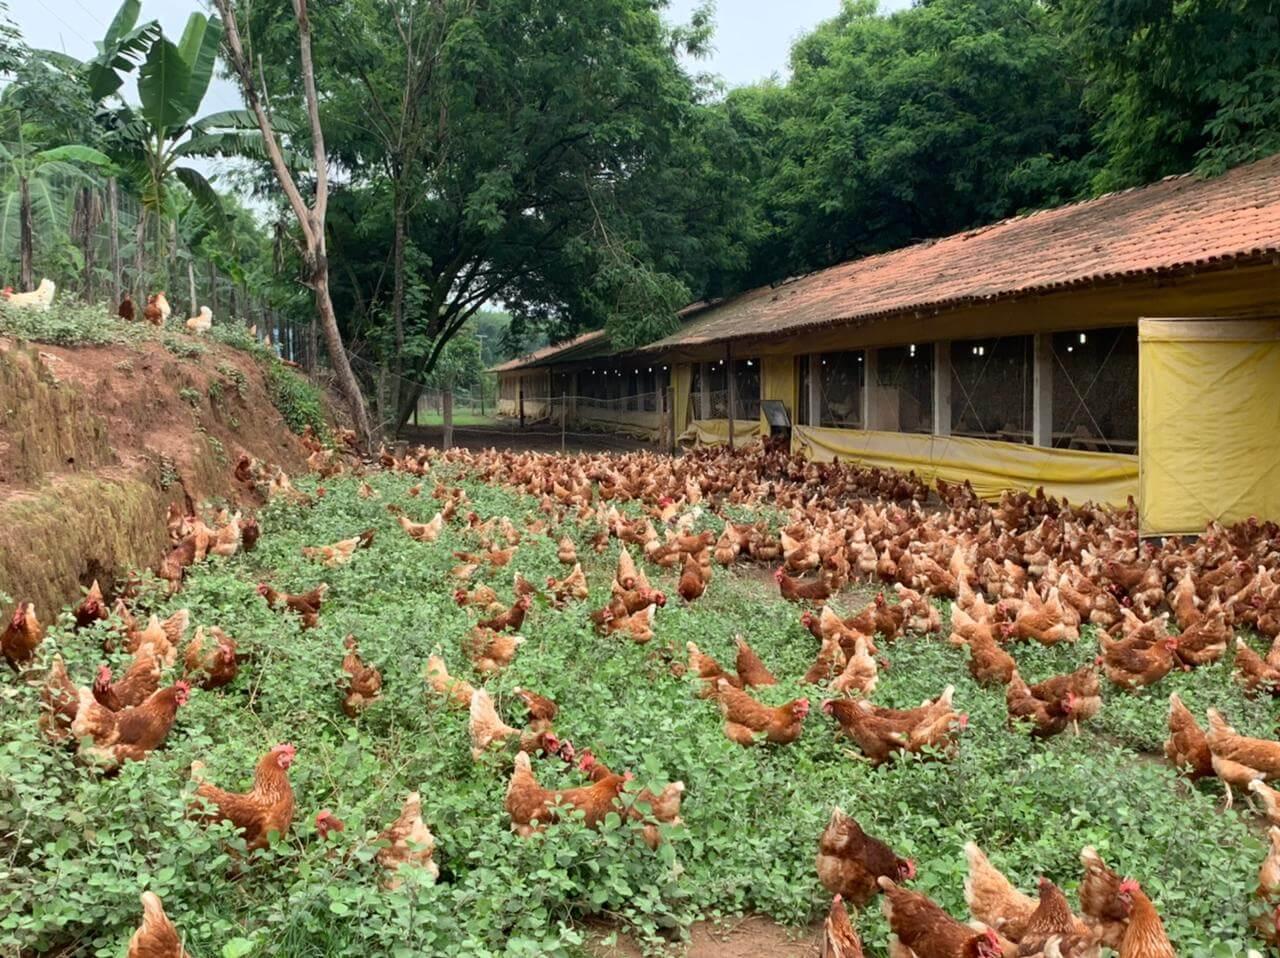 Produção de aves livres de medicamentos é essencial para a saúde